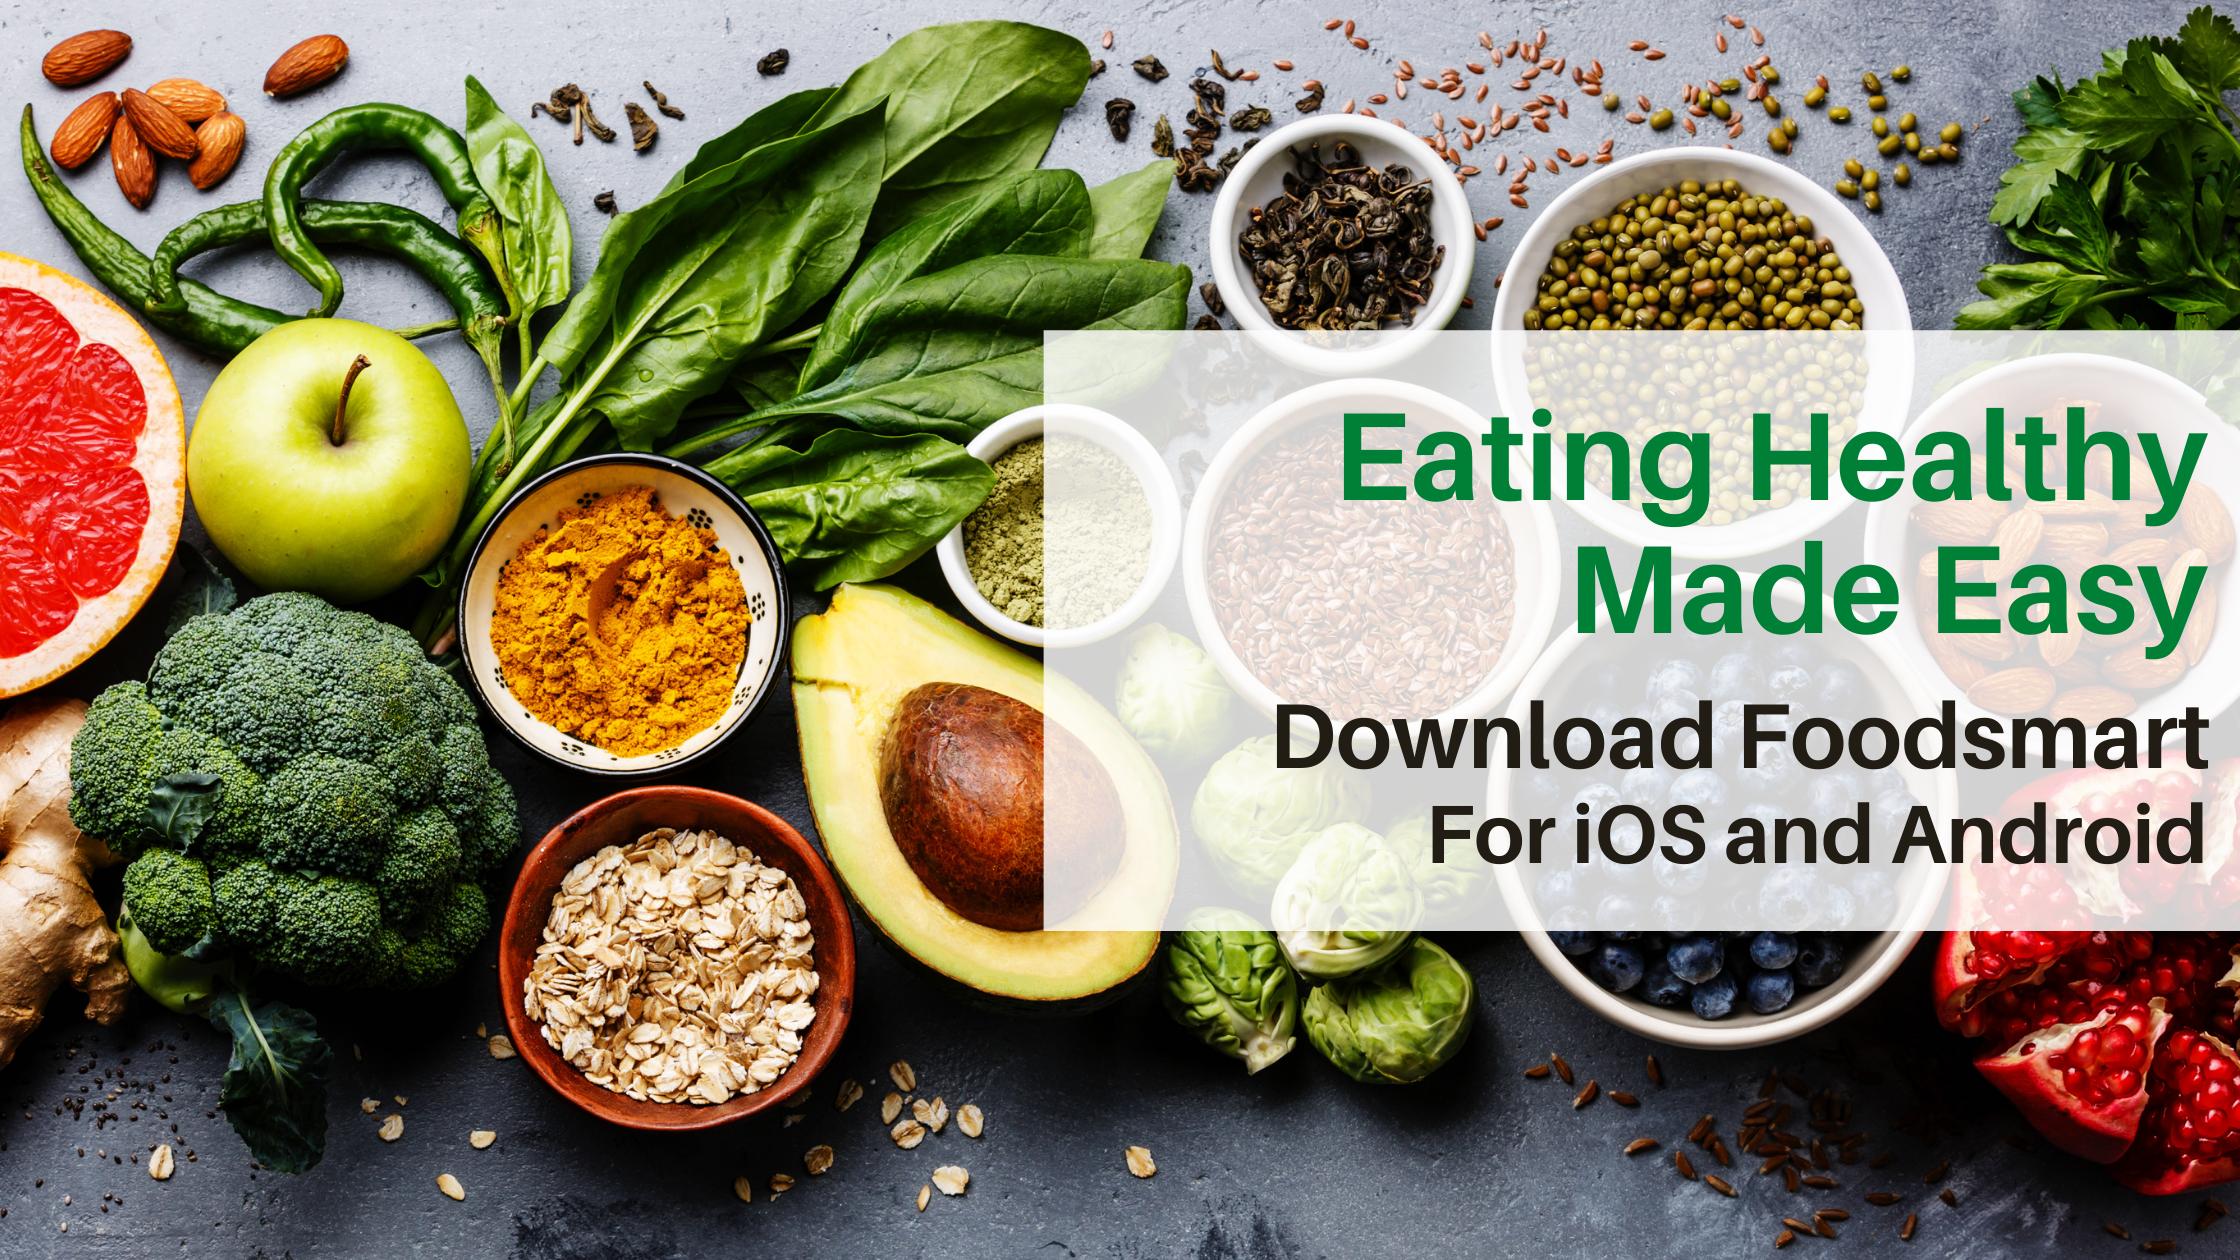 Download Foodsmart